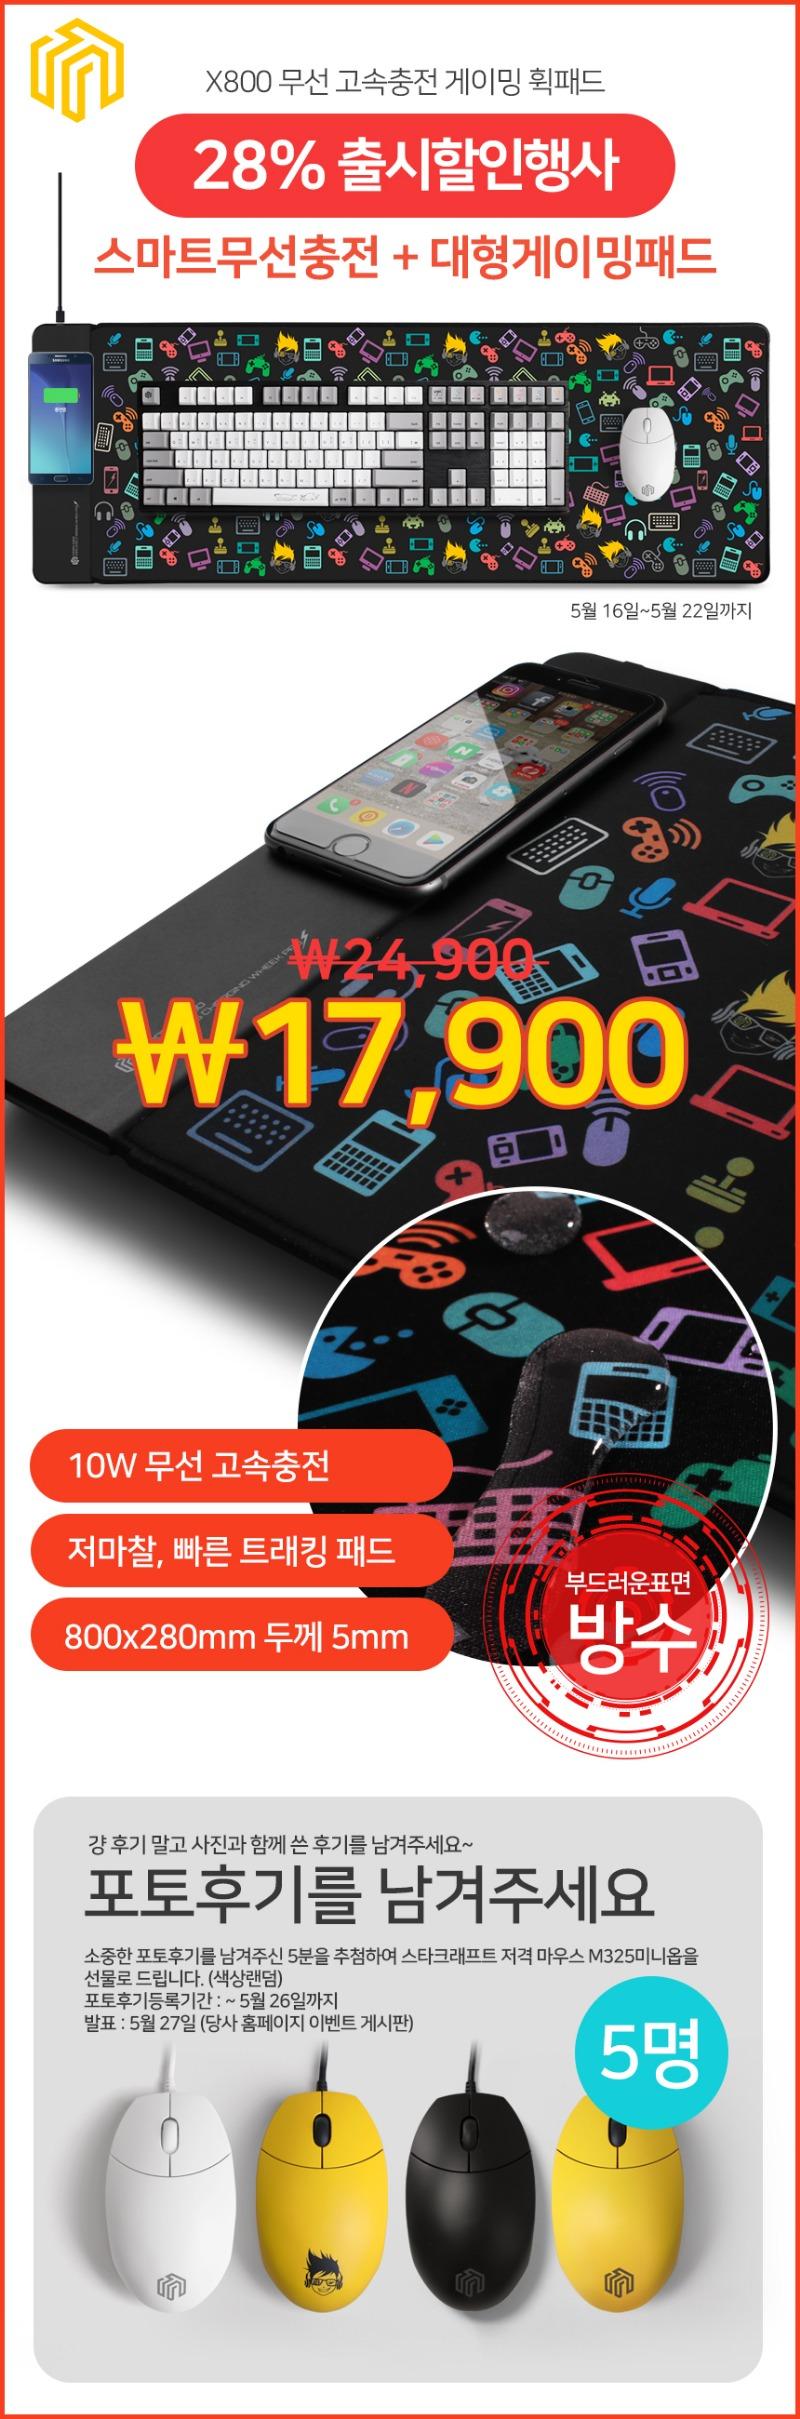 x800-sale-190516.jpg